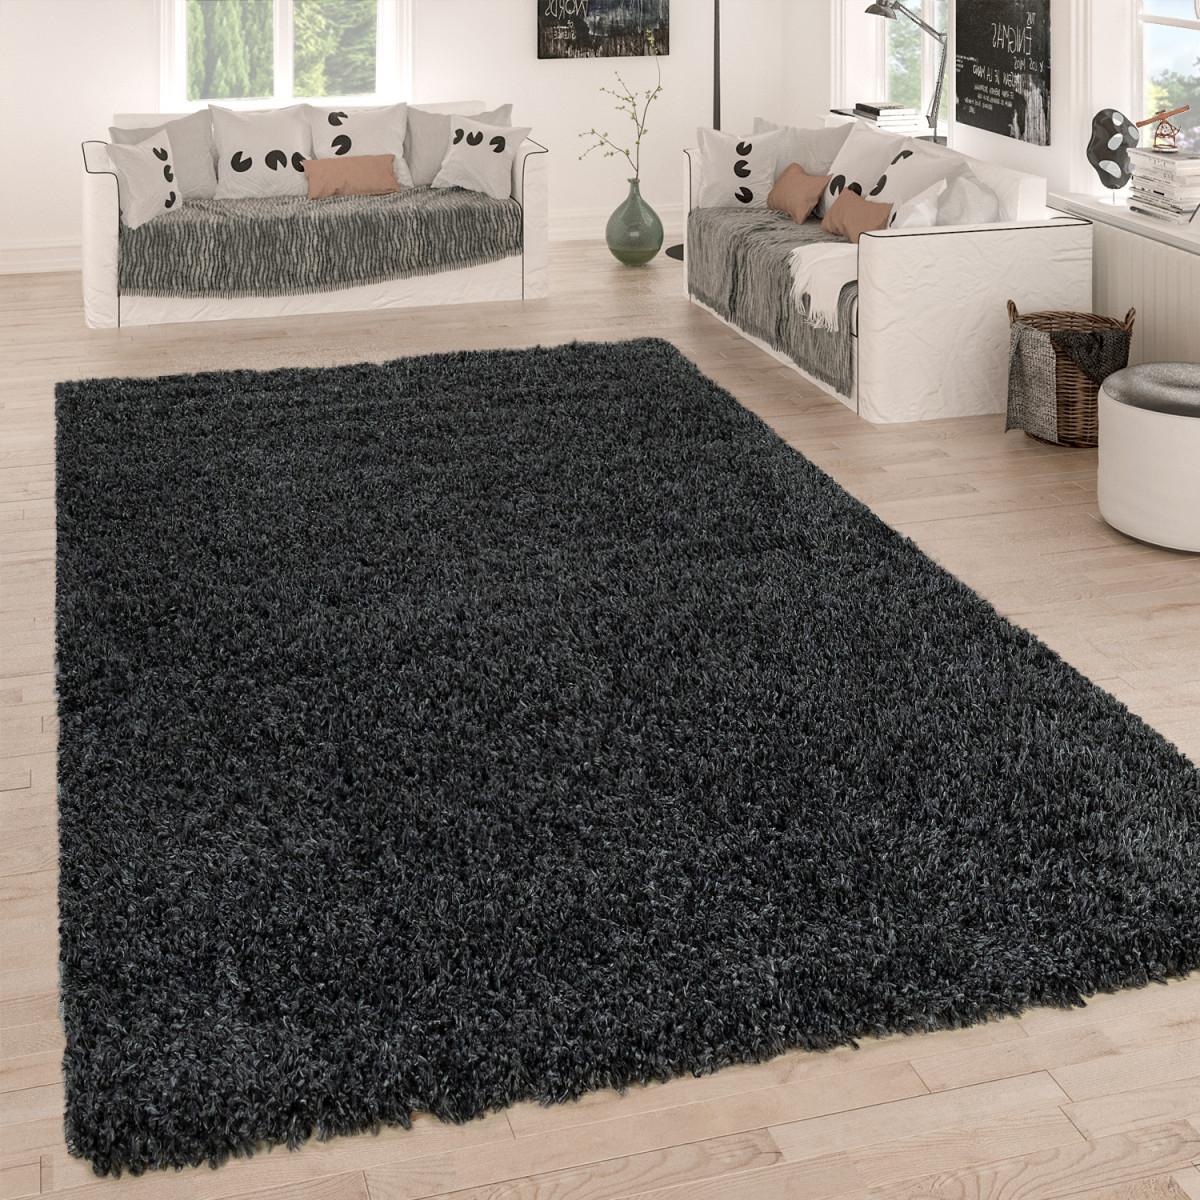 Hochflorteppich Kuschelig Shaggy Grau Anthrazit von Wohnzimmer Teppich 140X200 Bild